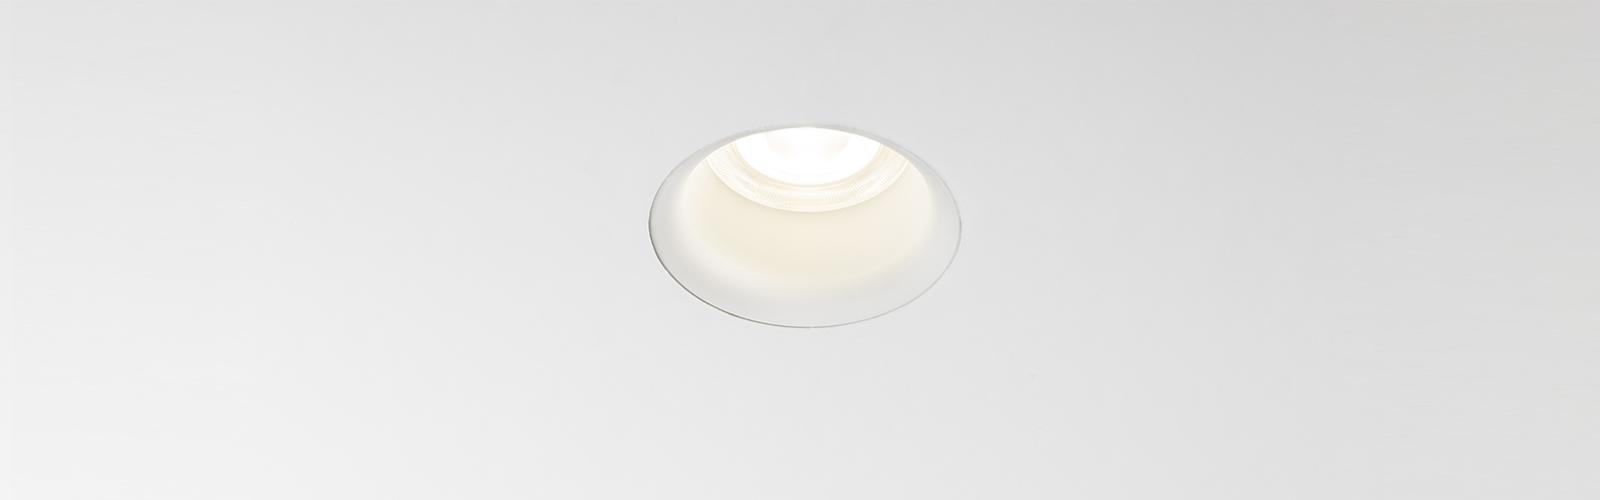 Fenos LED Lighting Trimless Downlight Eyren Mini